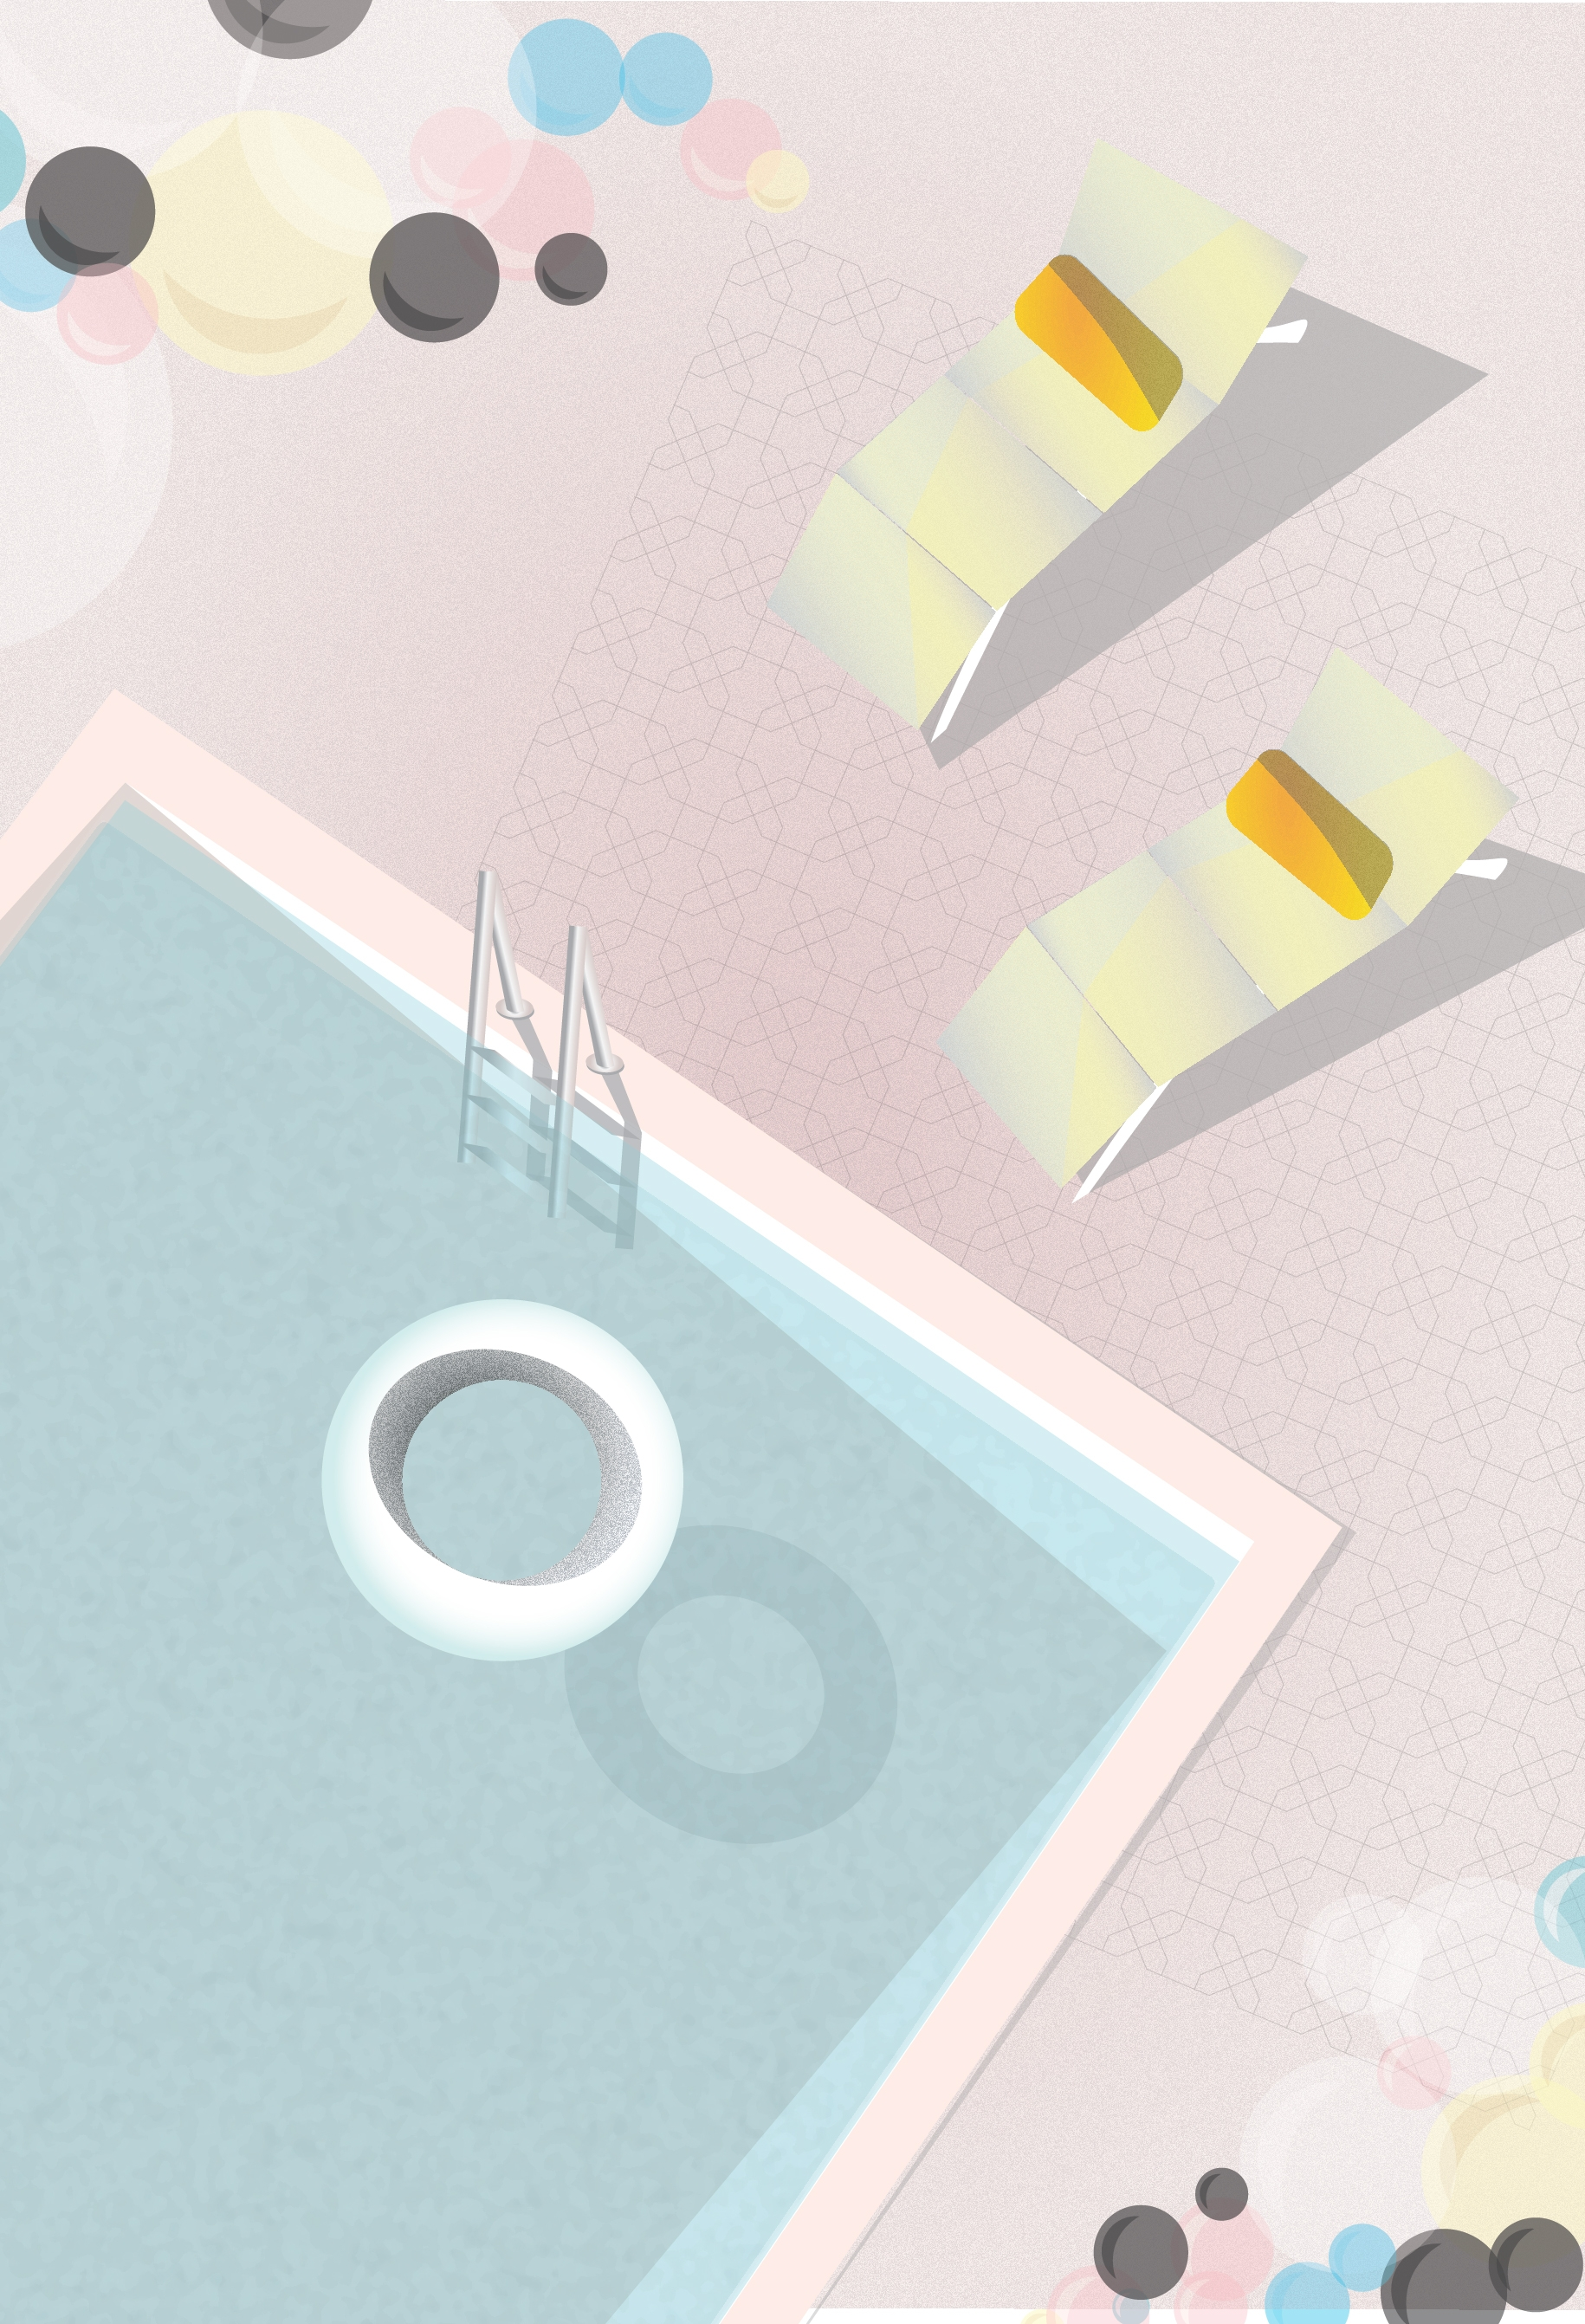 Illustrations-01.jpg